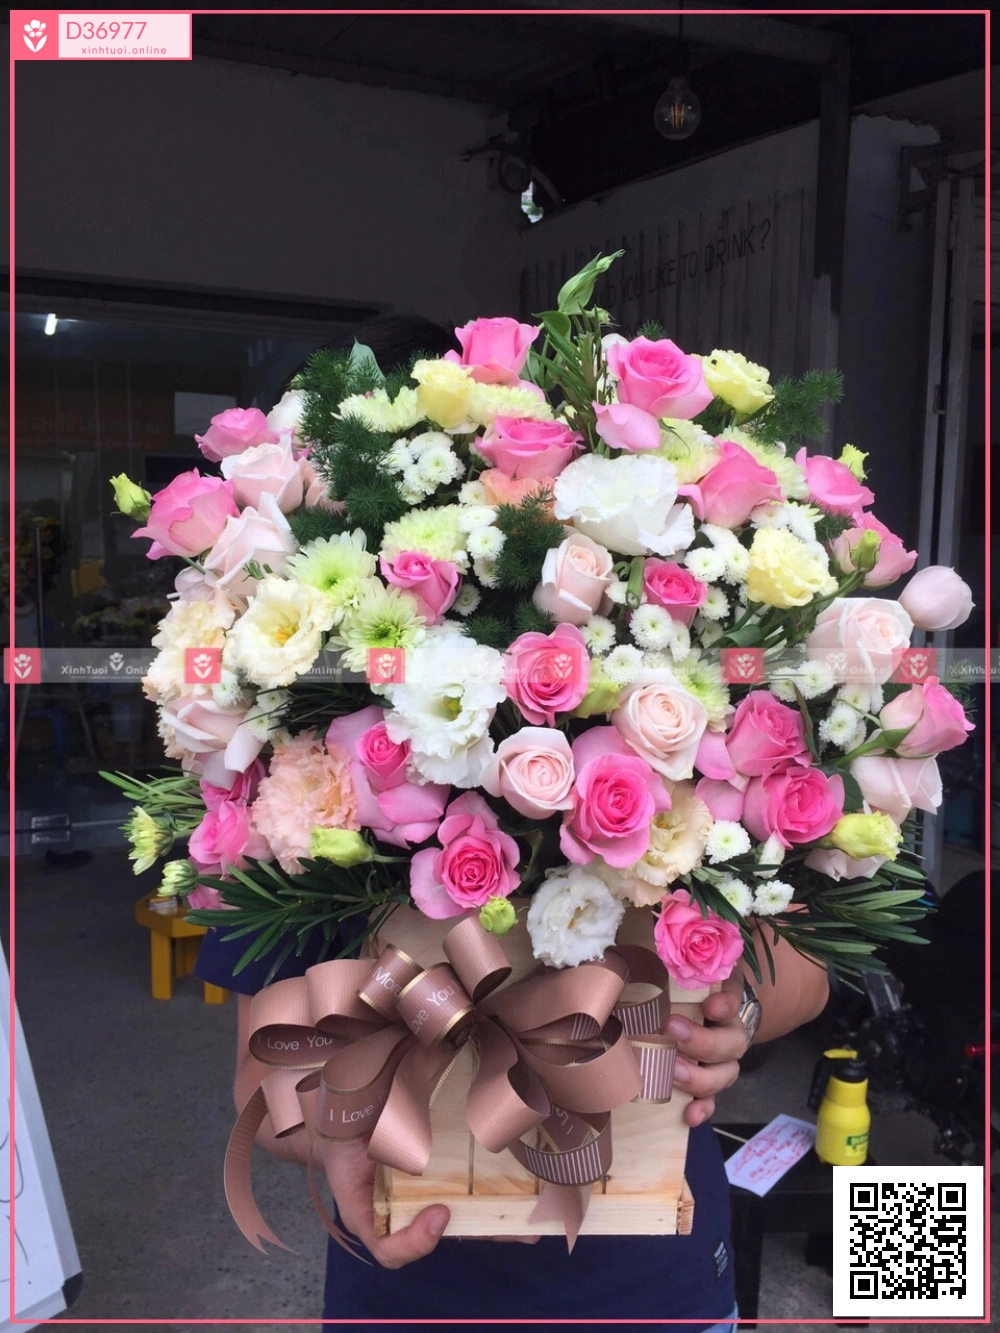 hồng sen, cẩm chướng, cát tường - D36977 - xinhtuoi.online